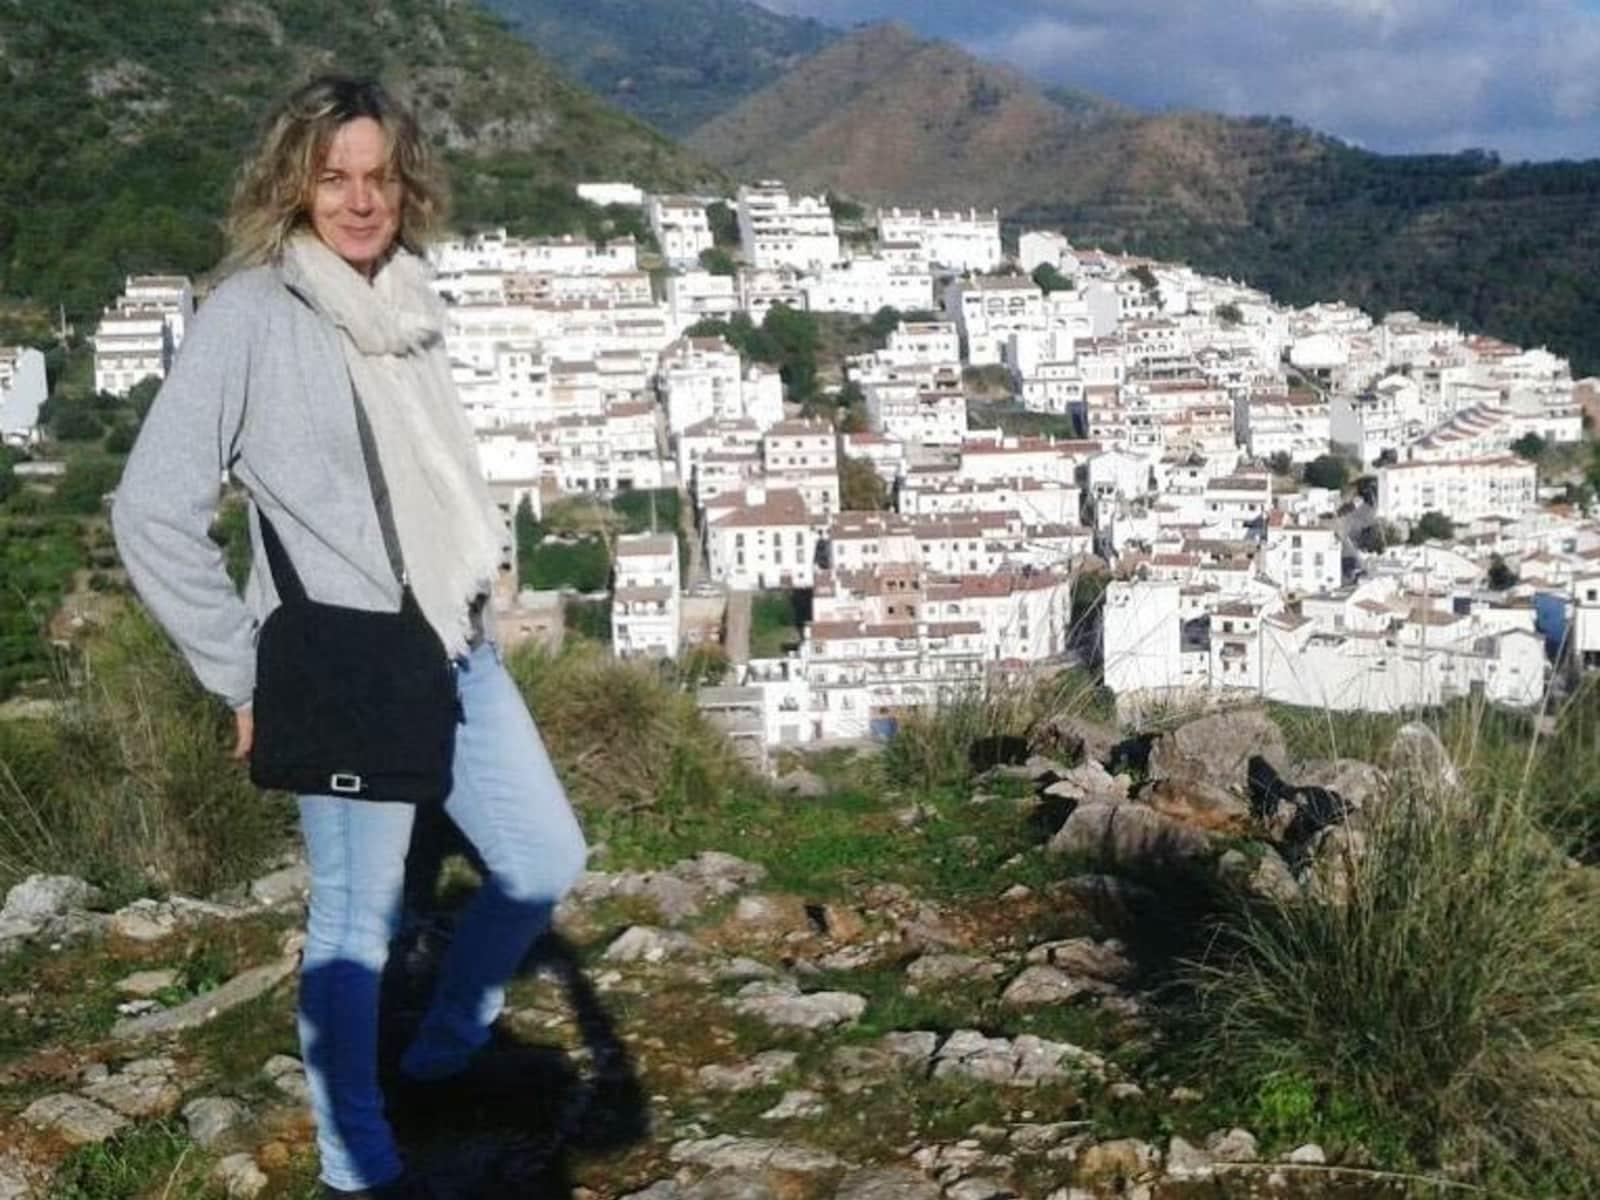 Astrid from Málaga, Spain